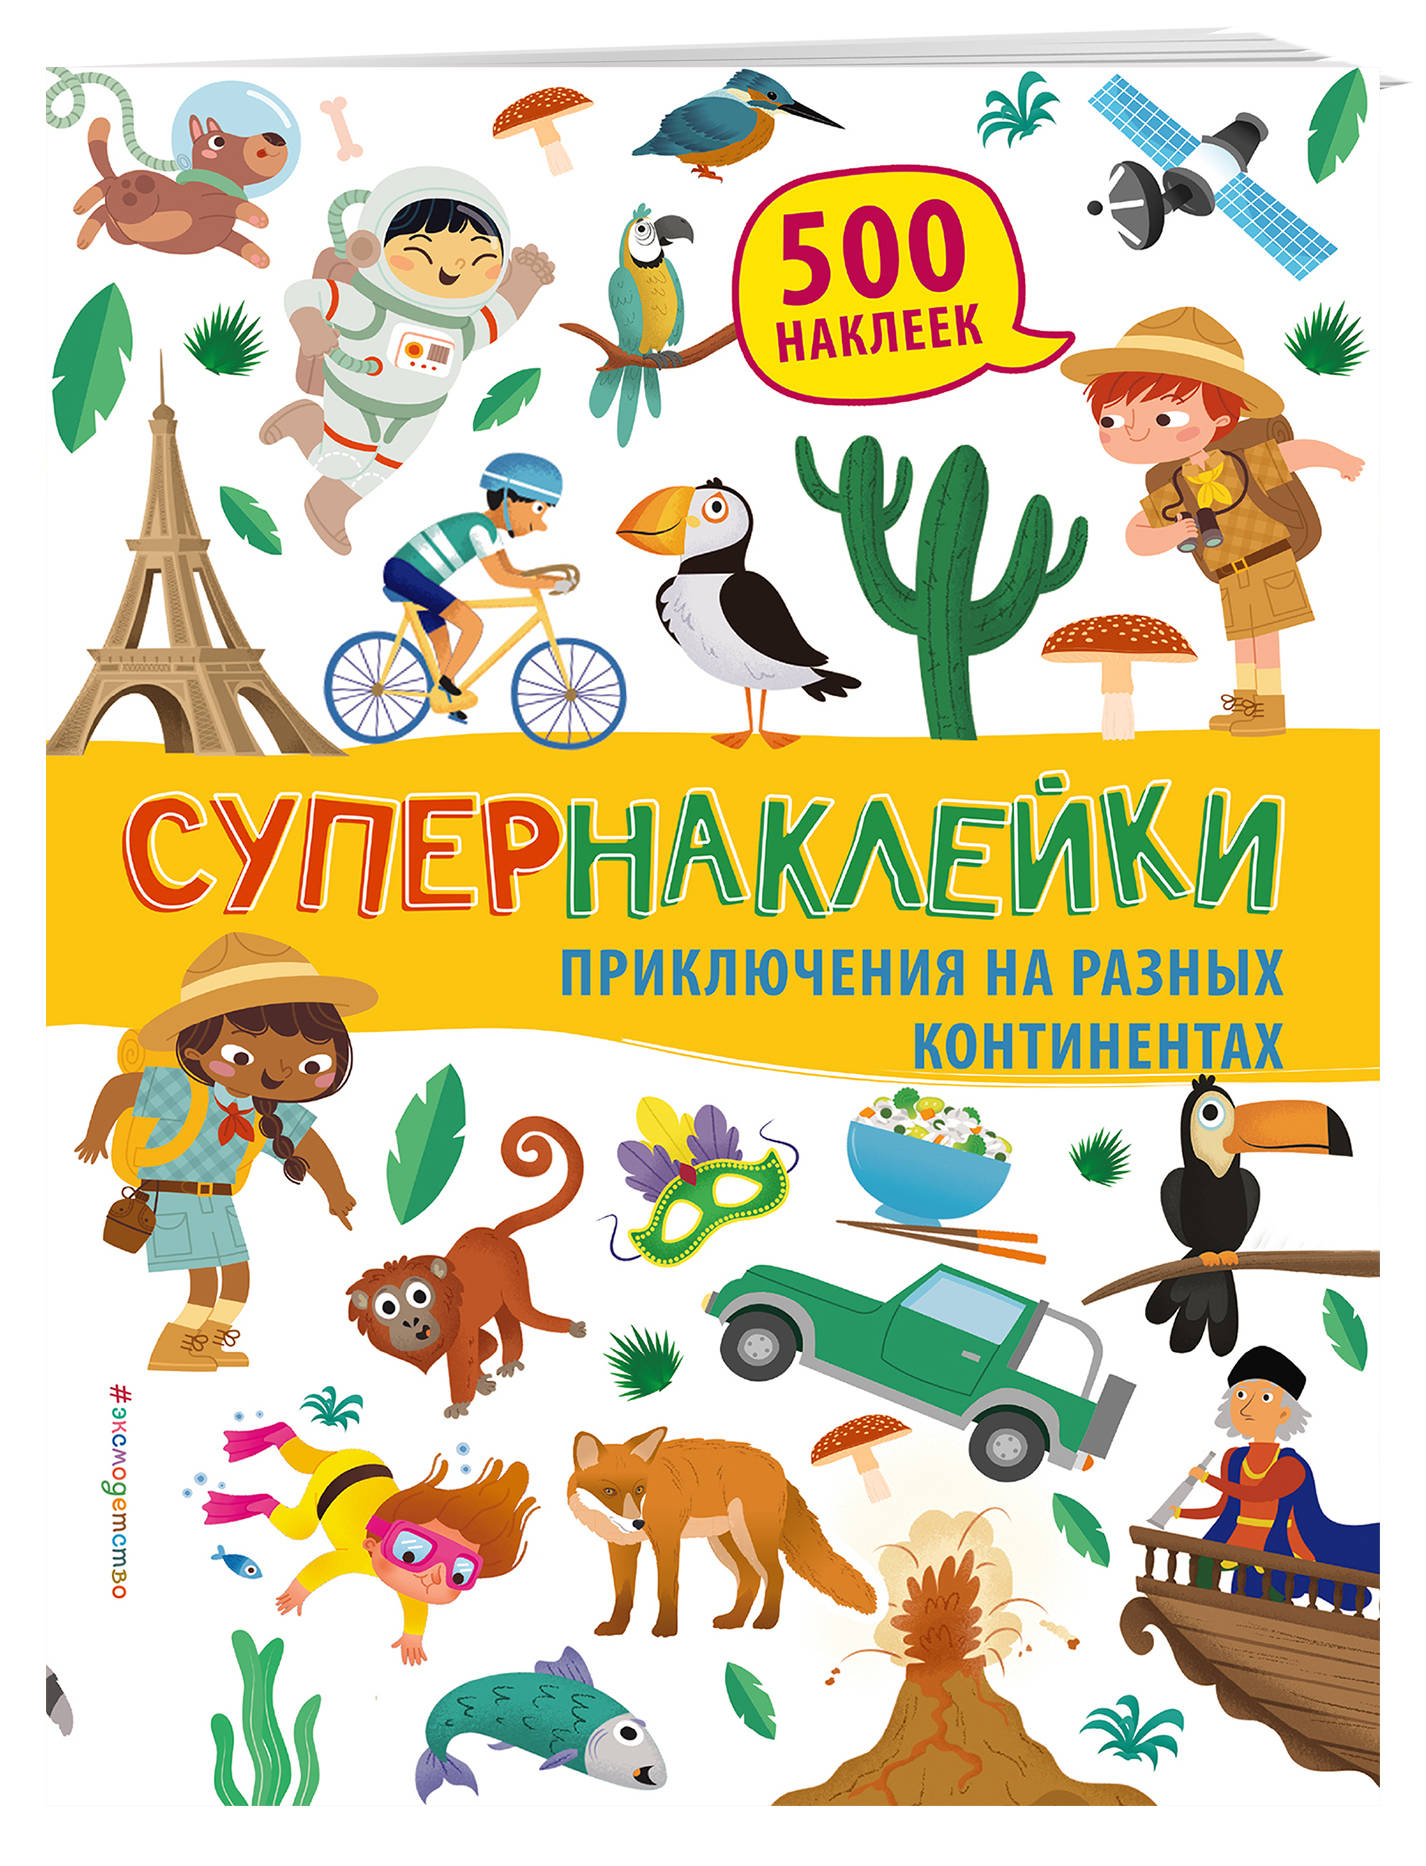 Приключения на разных континентах ISBN: 978-5-699-97548-8 матин и хекс знаки раскрась и получи их помощь isbn 9785222285060